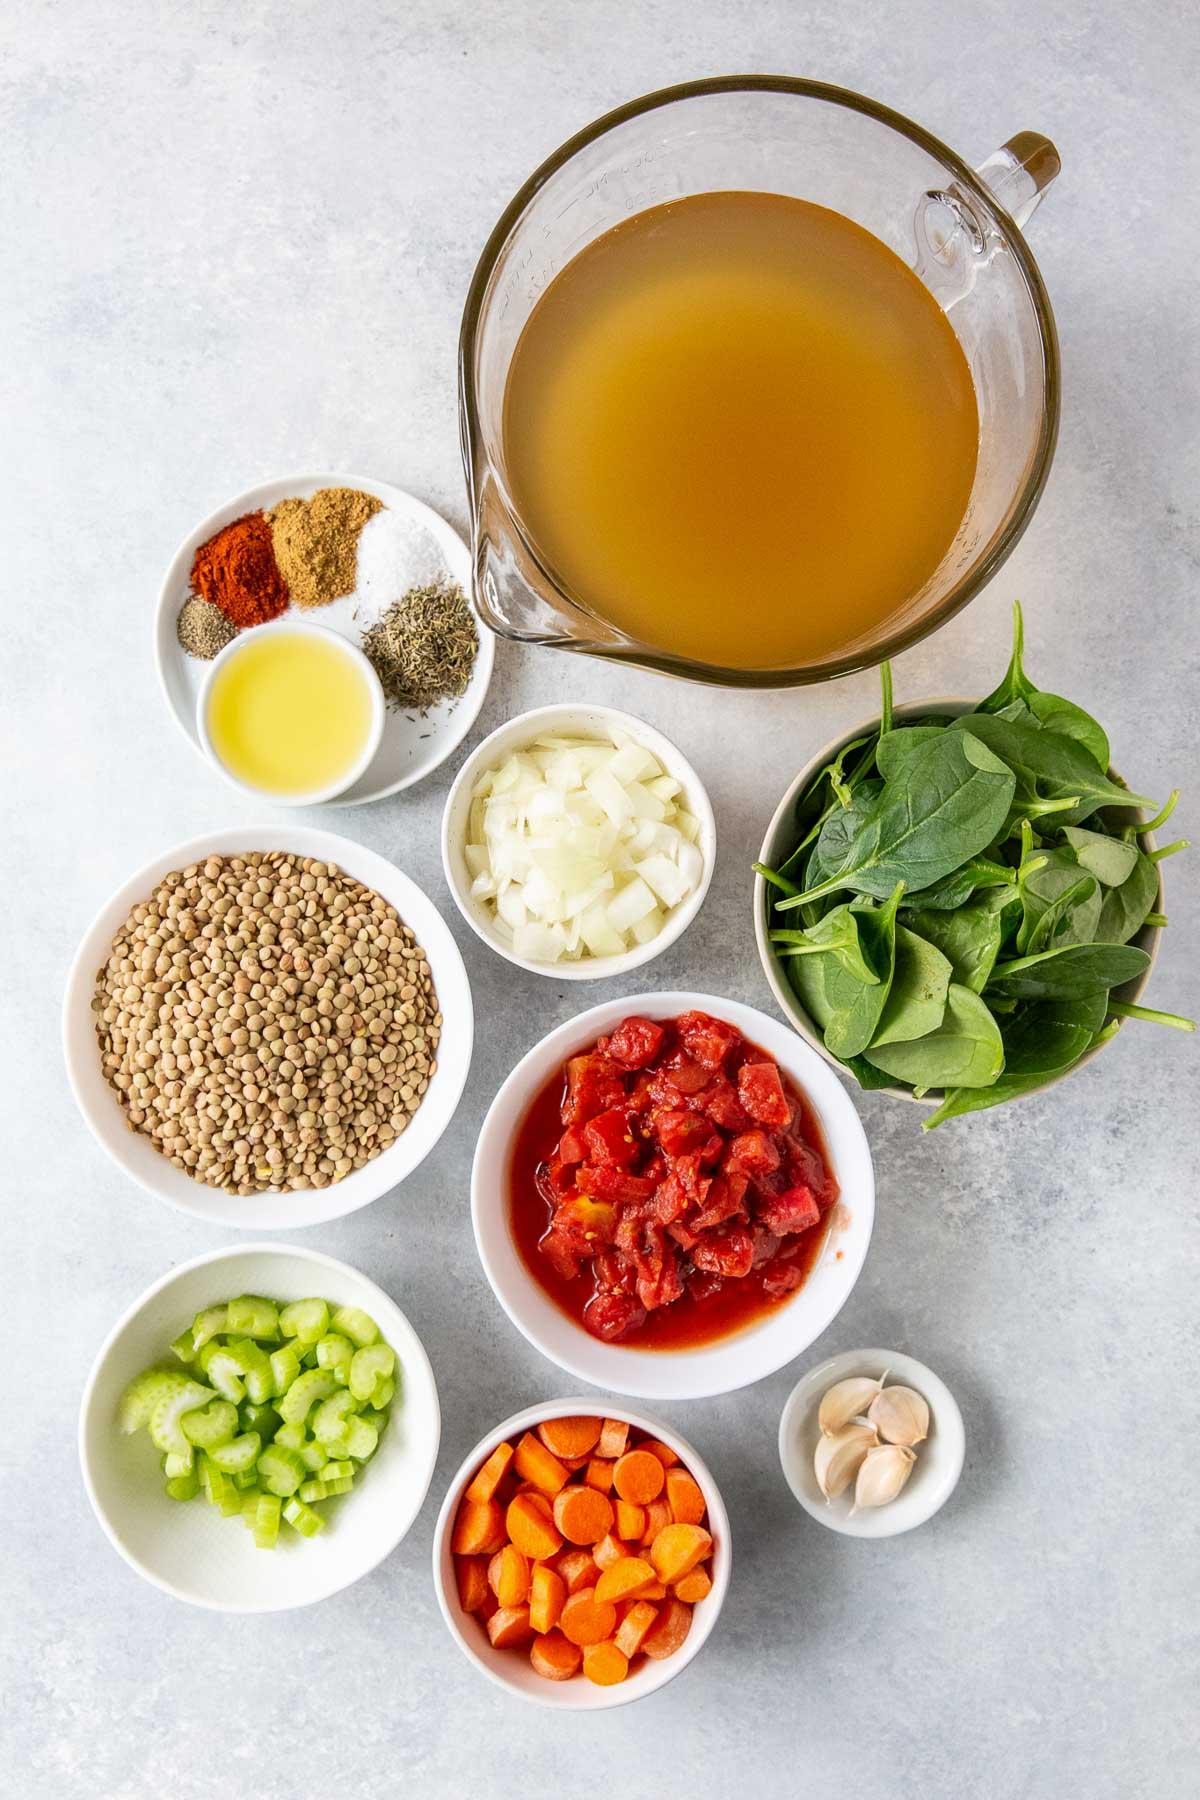 ingredients for making instant pot lentil soup